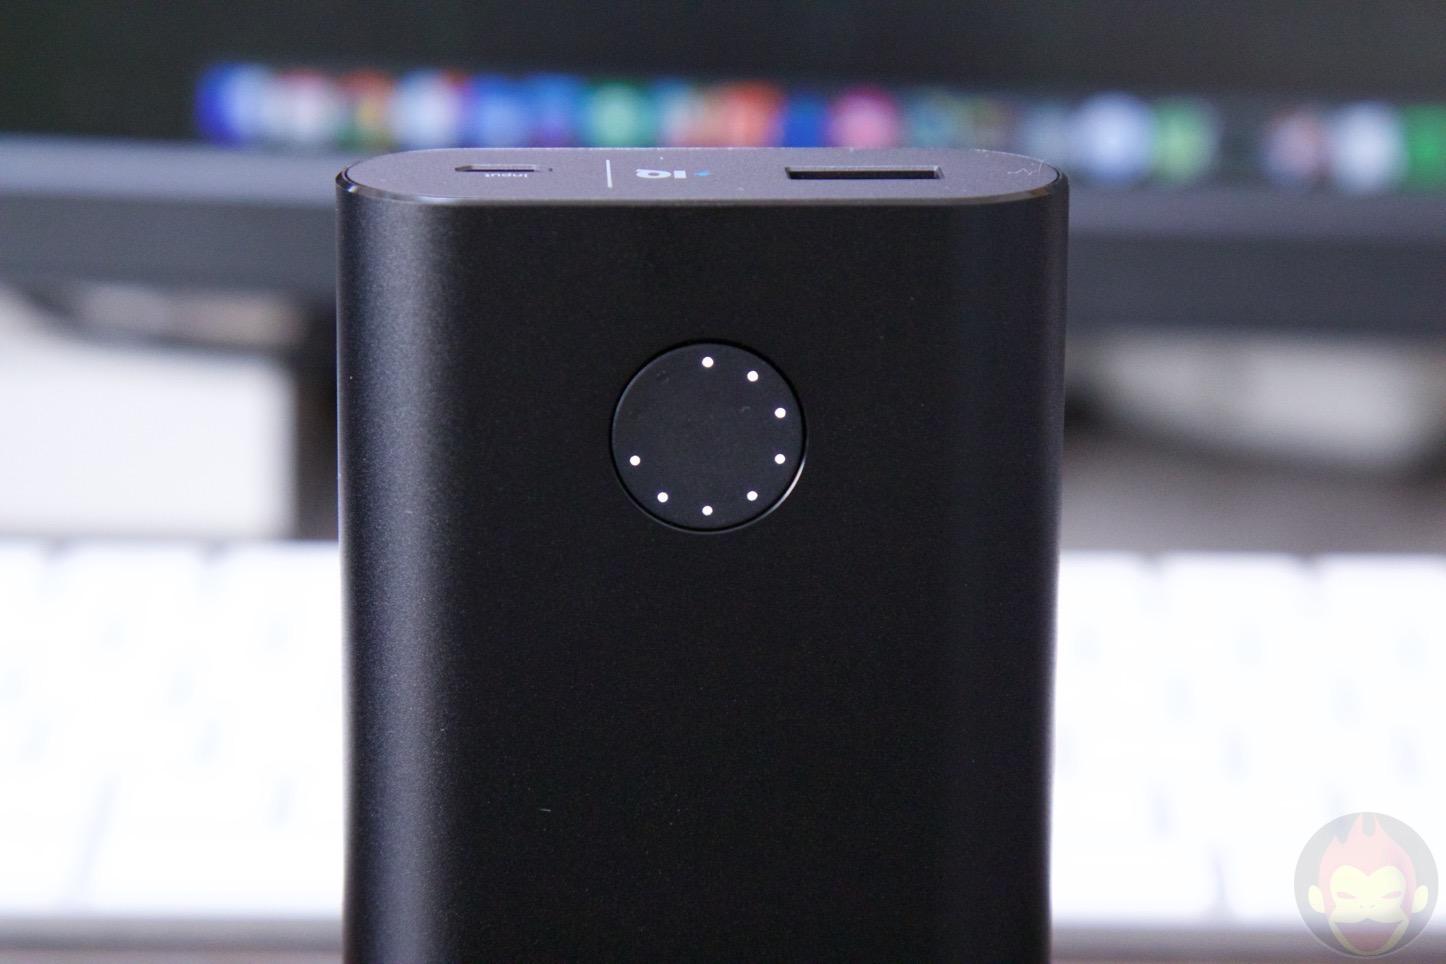 Anker-PowerCorePlus-10050-02.jpg